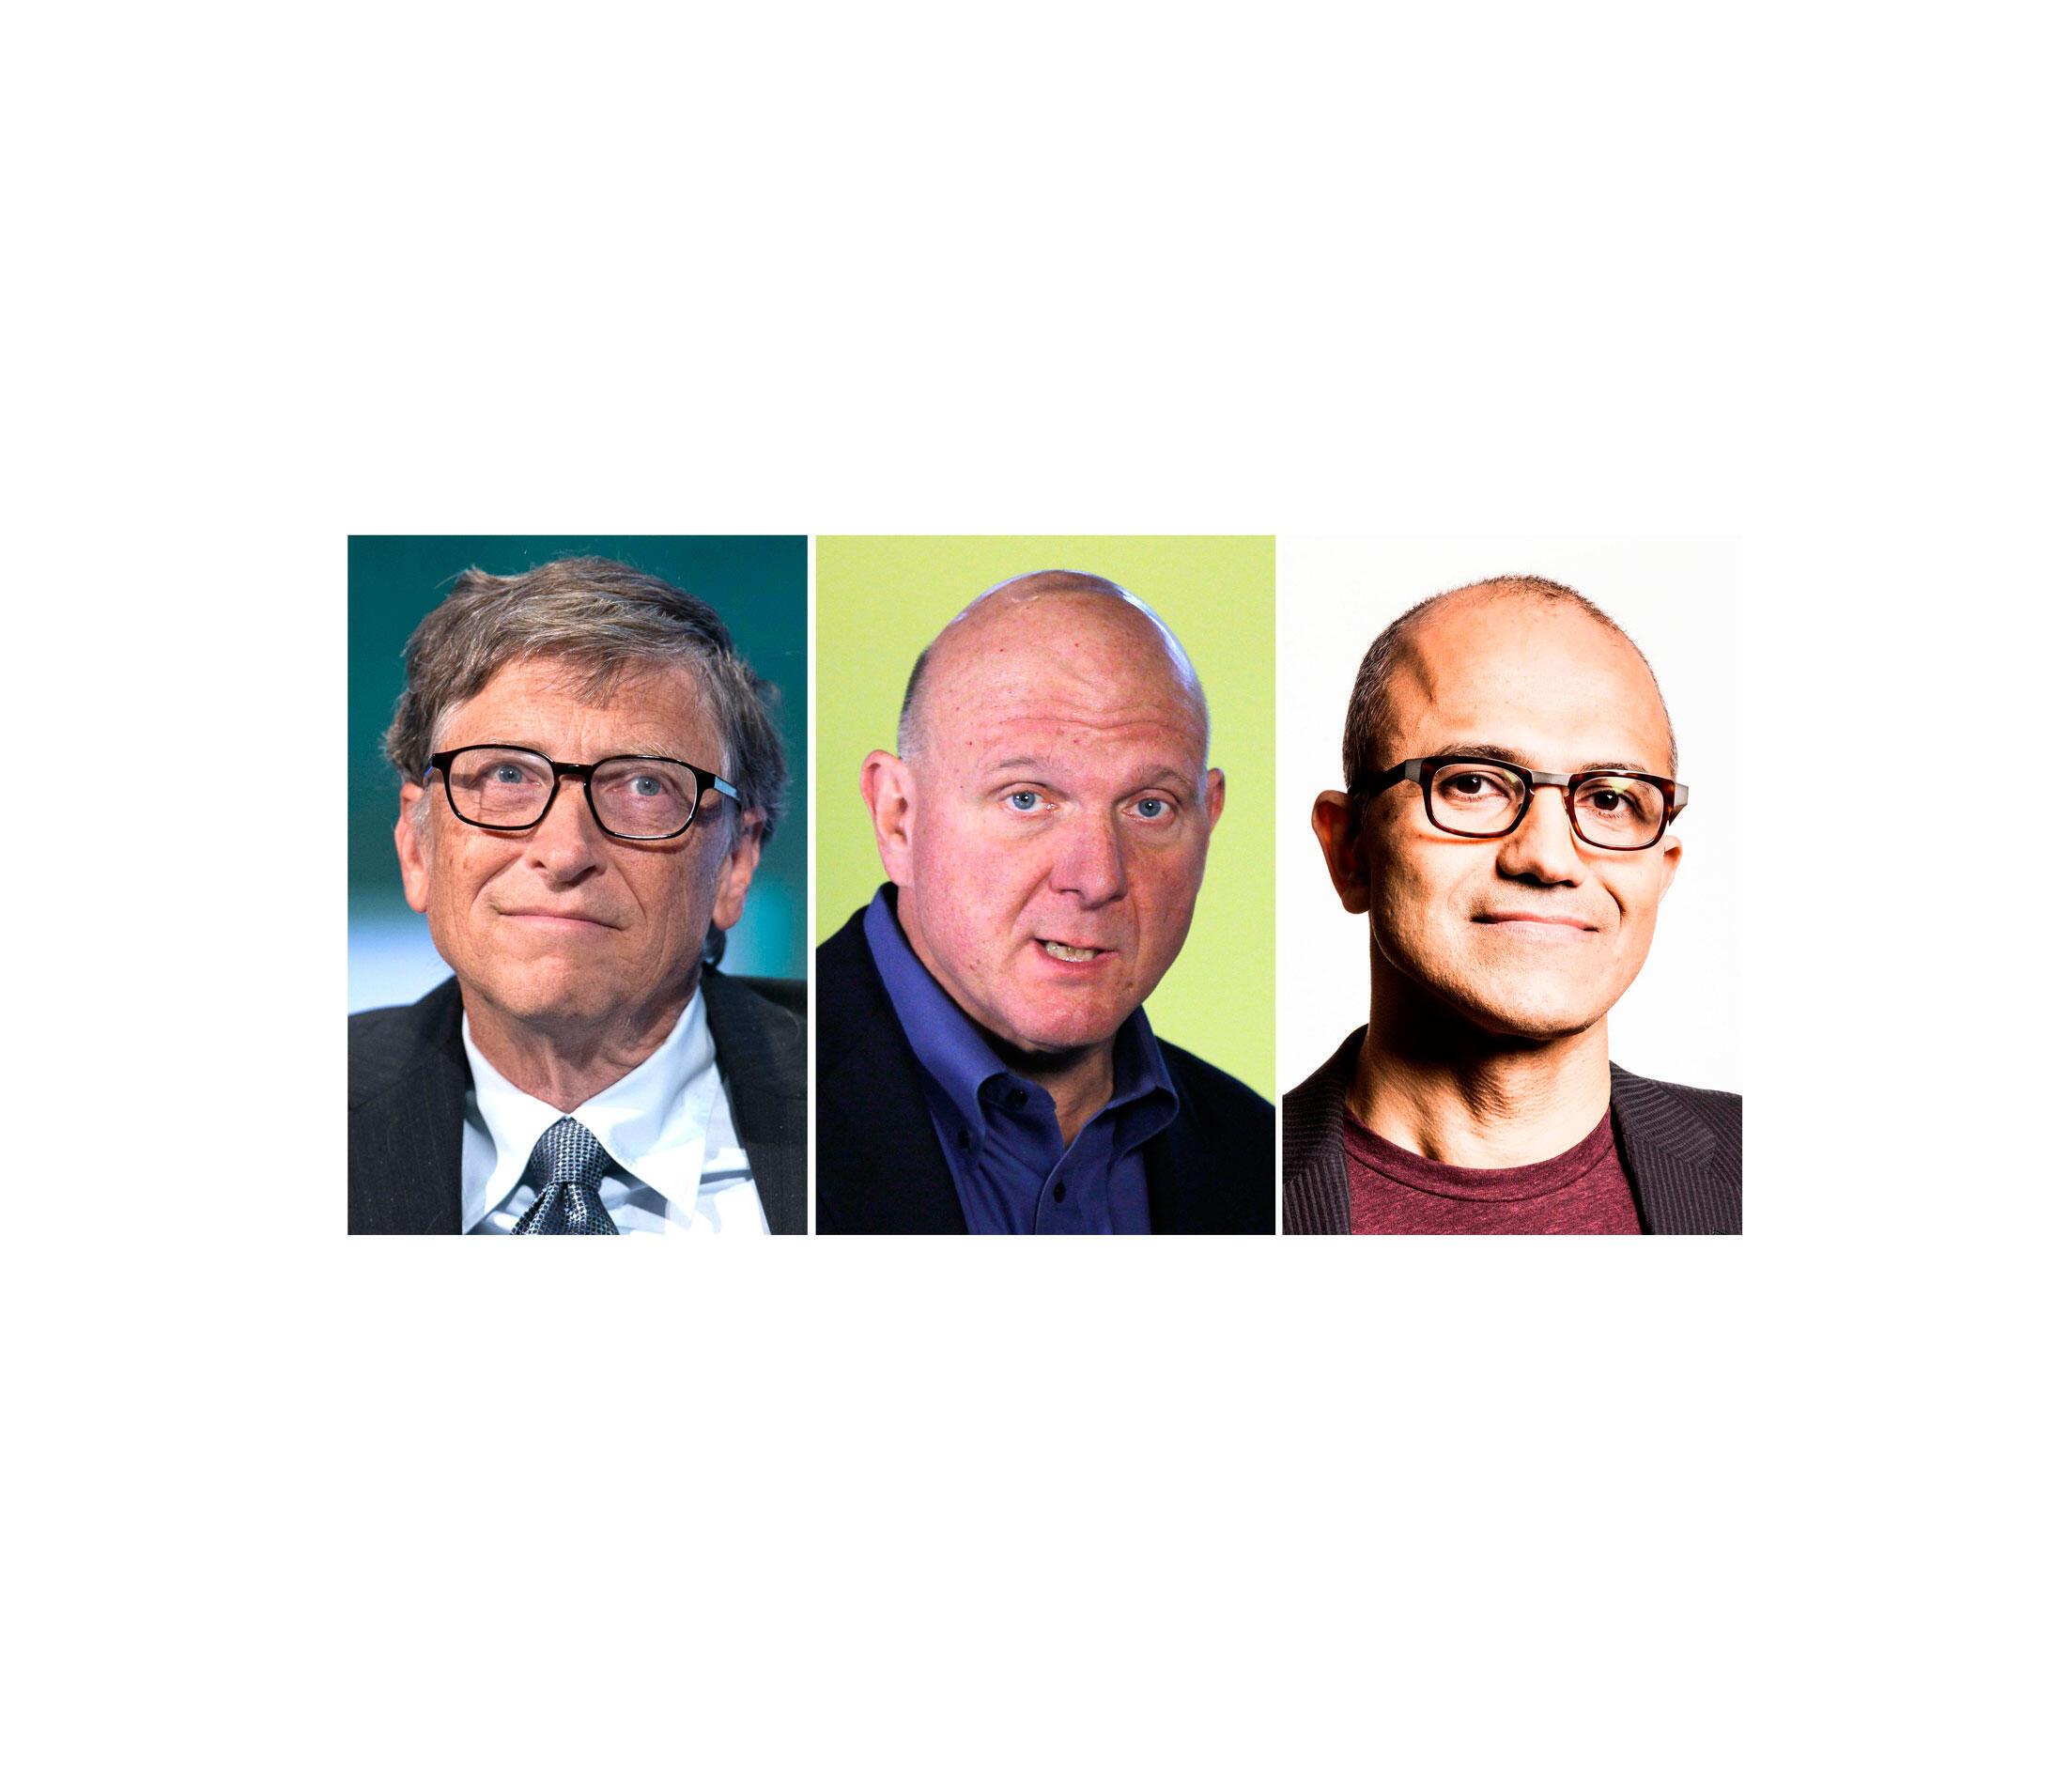 ពីឆ្វេងទៅស្តាំ៖ លោក Bill Gates ស្ថាបនិកក្រុមហ៊ុន, លោក Steve Ballmer អតីតអគ្គនាយក និងលោក Satya Nadella អគ្គនាយកដែលទើបនឹងតែងតាំងថ្មី